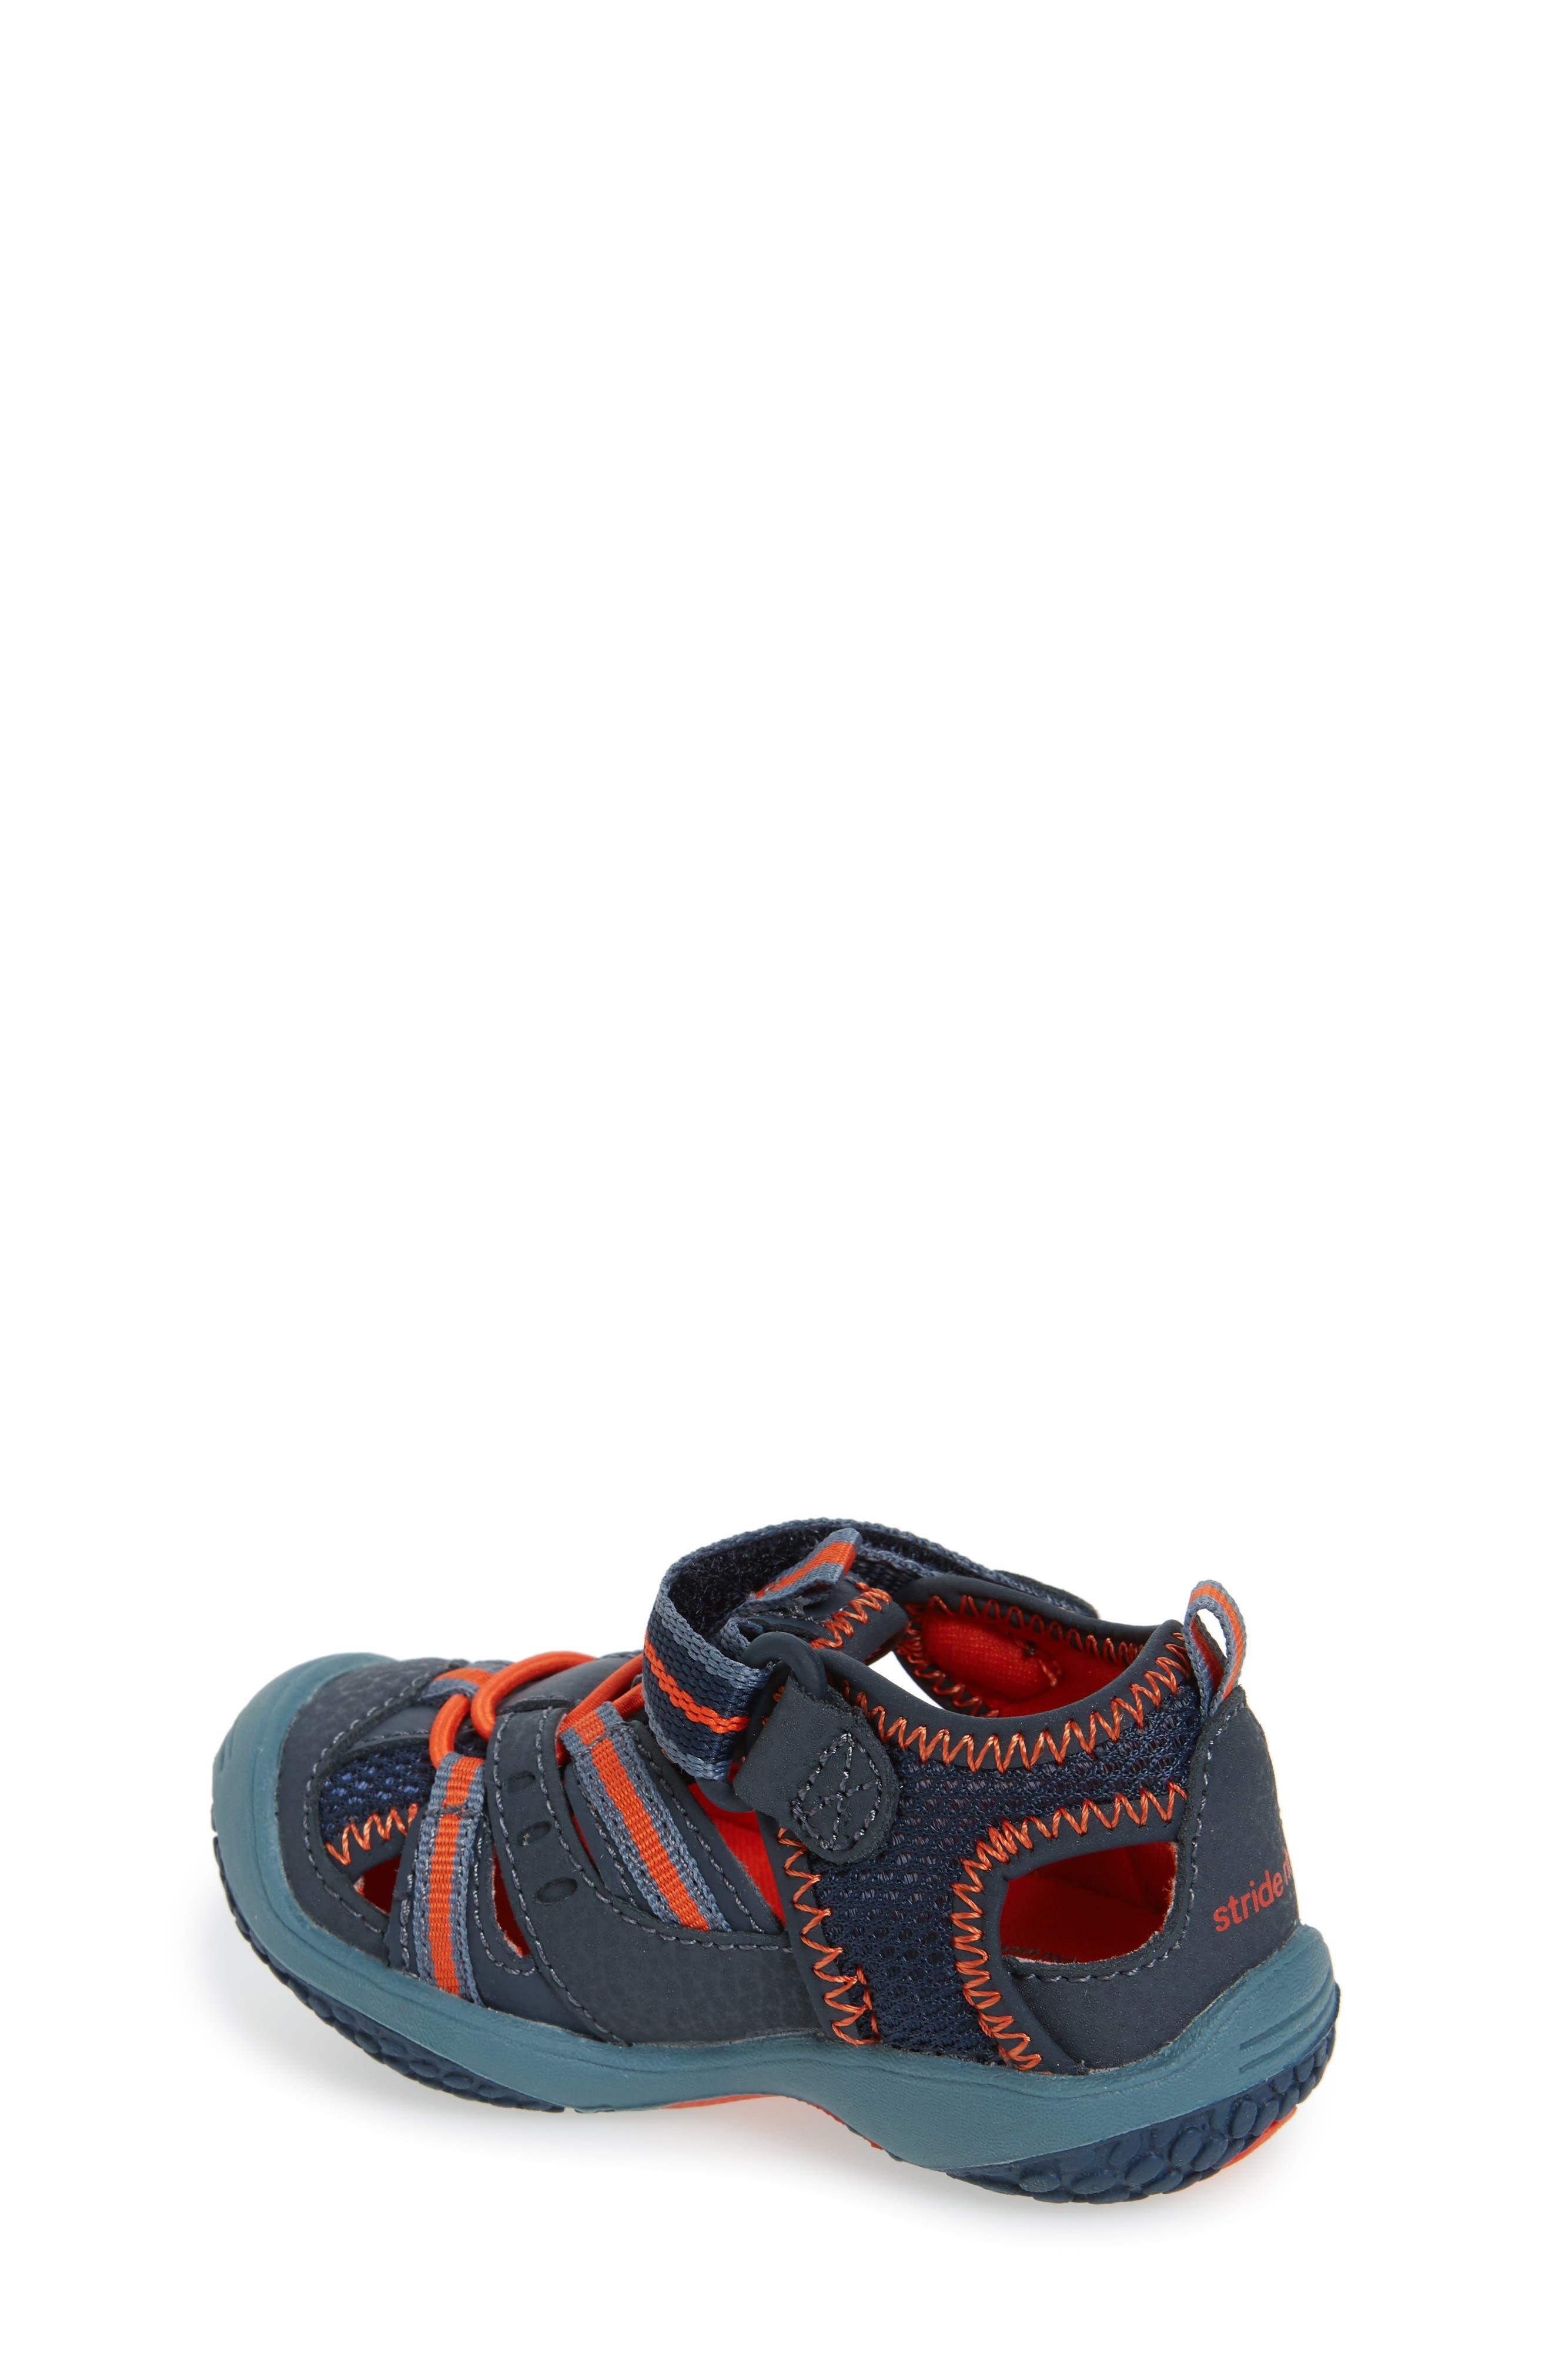 Baby Riff Sport Sandal,                             Alternate thumbnail 2, color,                             499